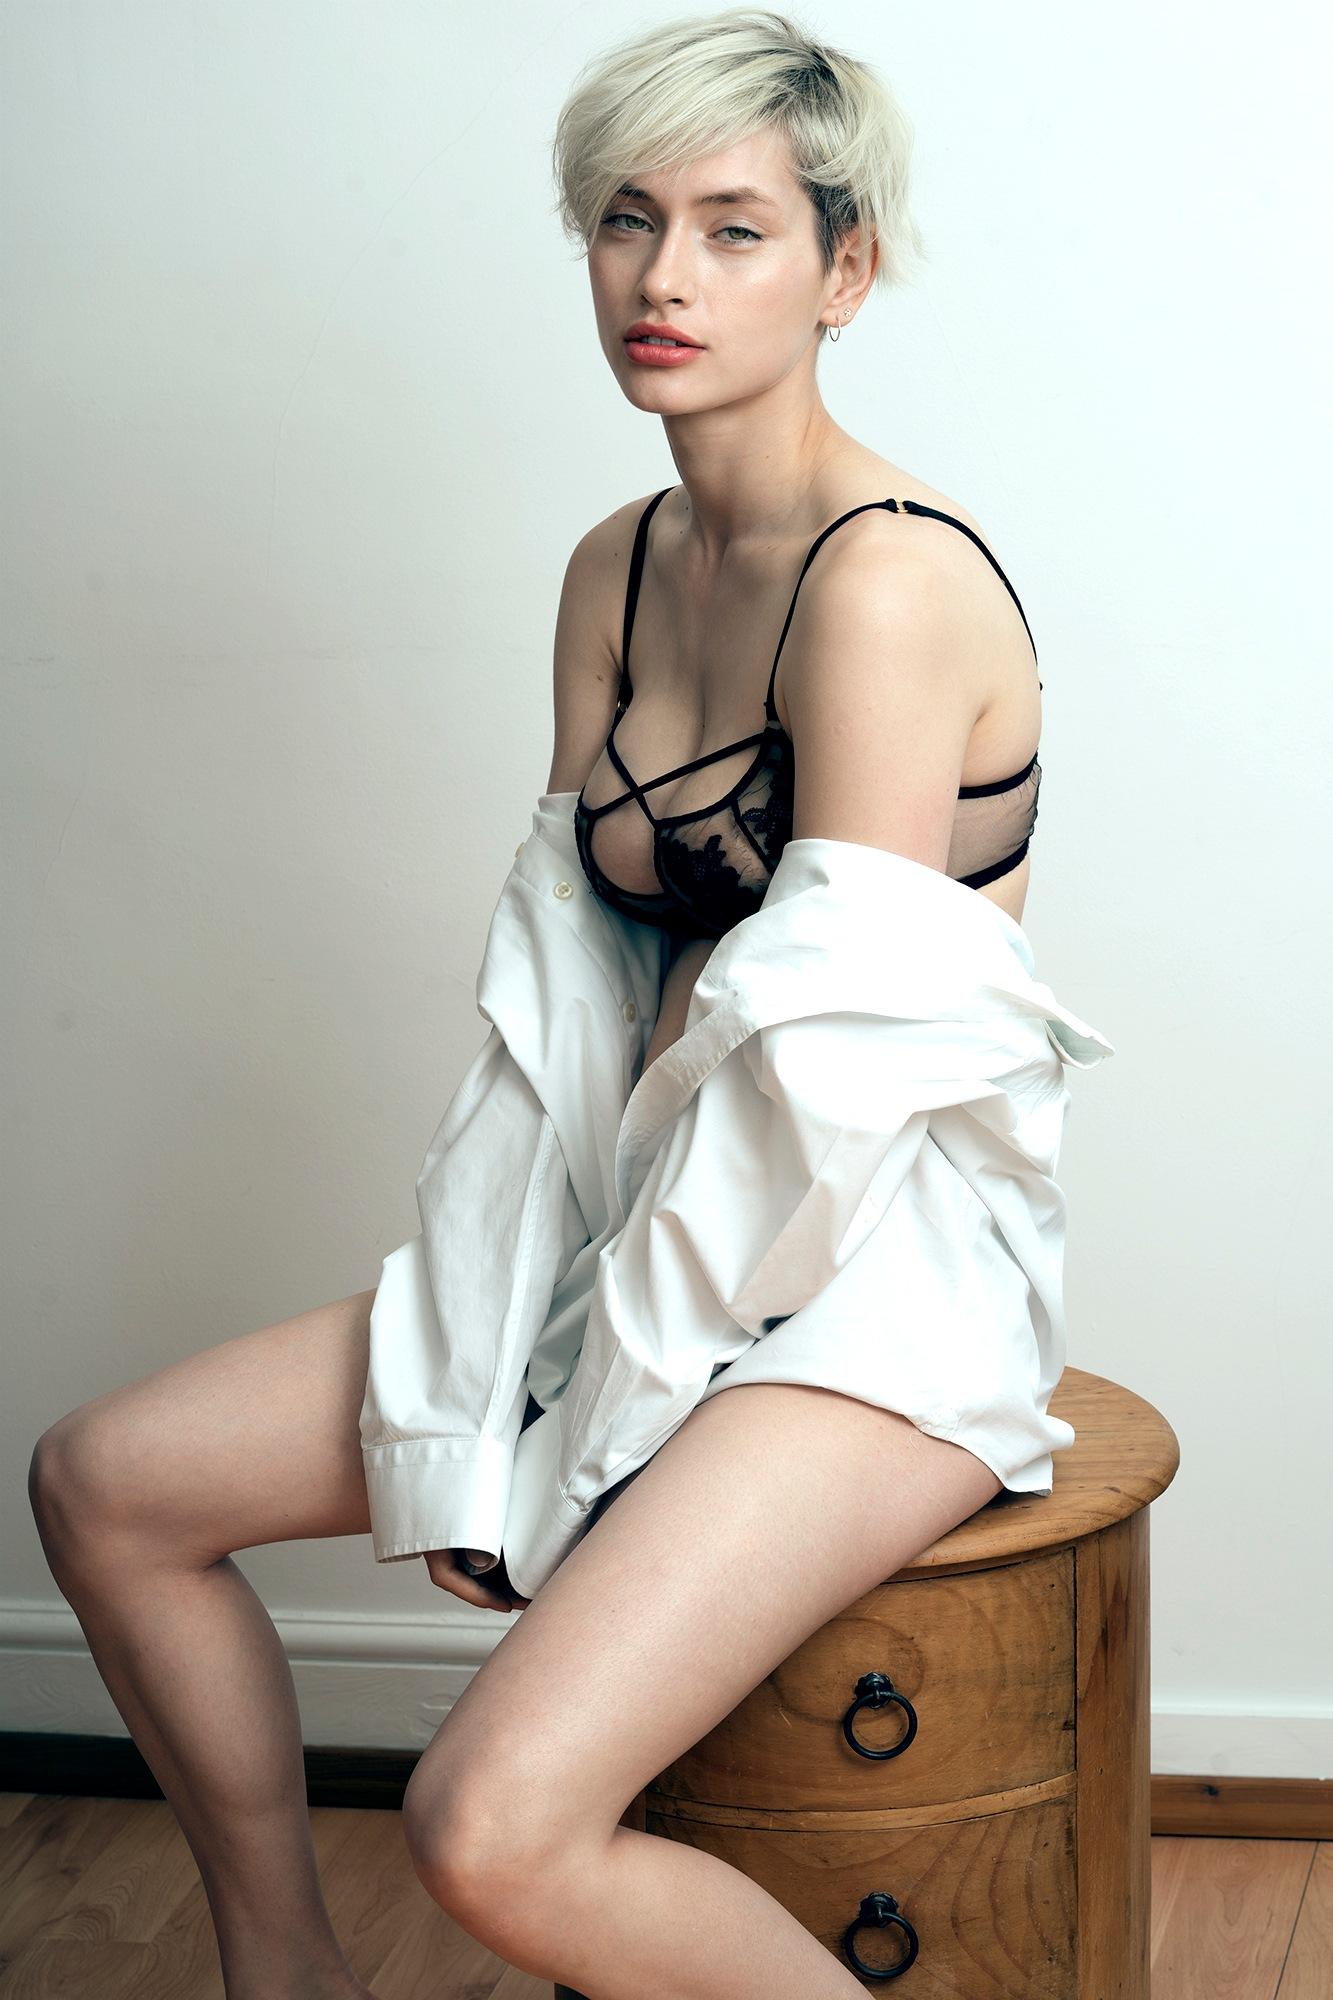 Victoria Fashion Portrait by Joseph MacMillan